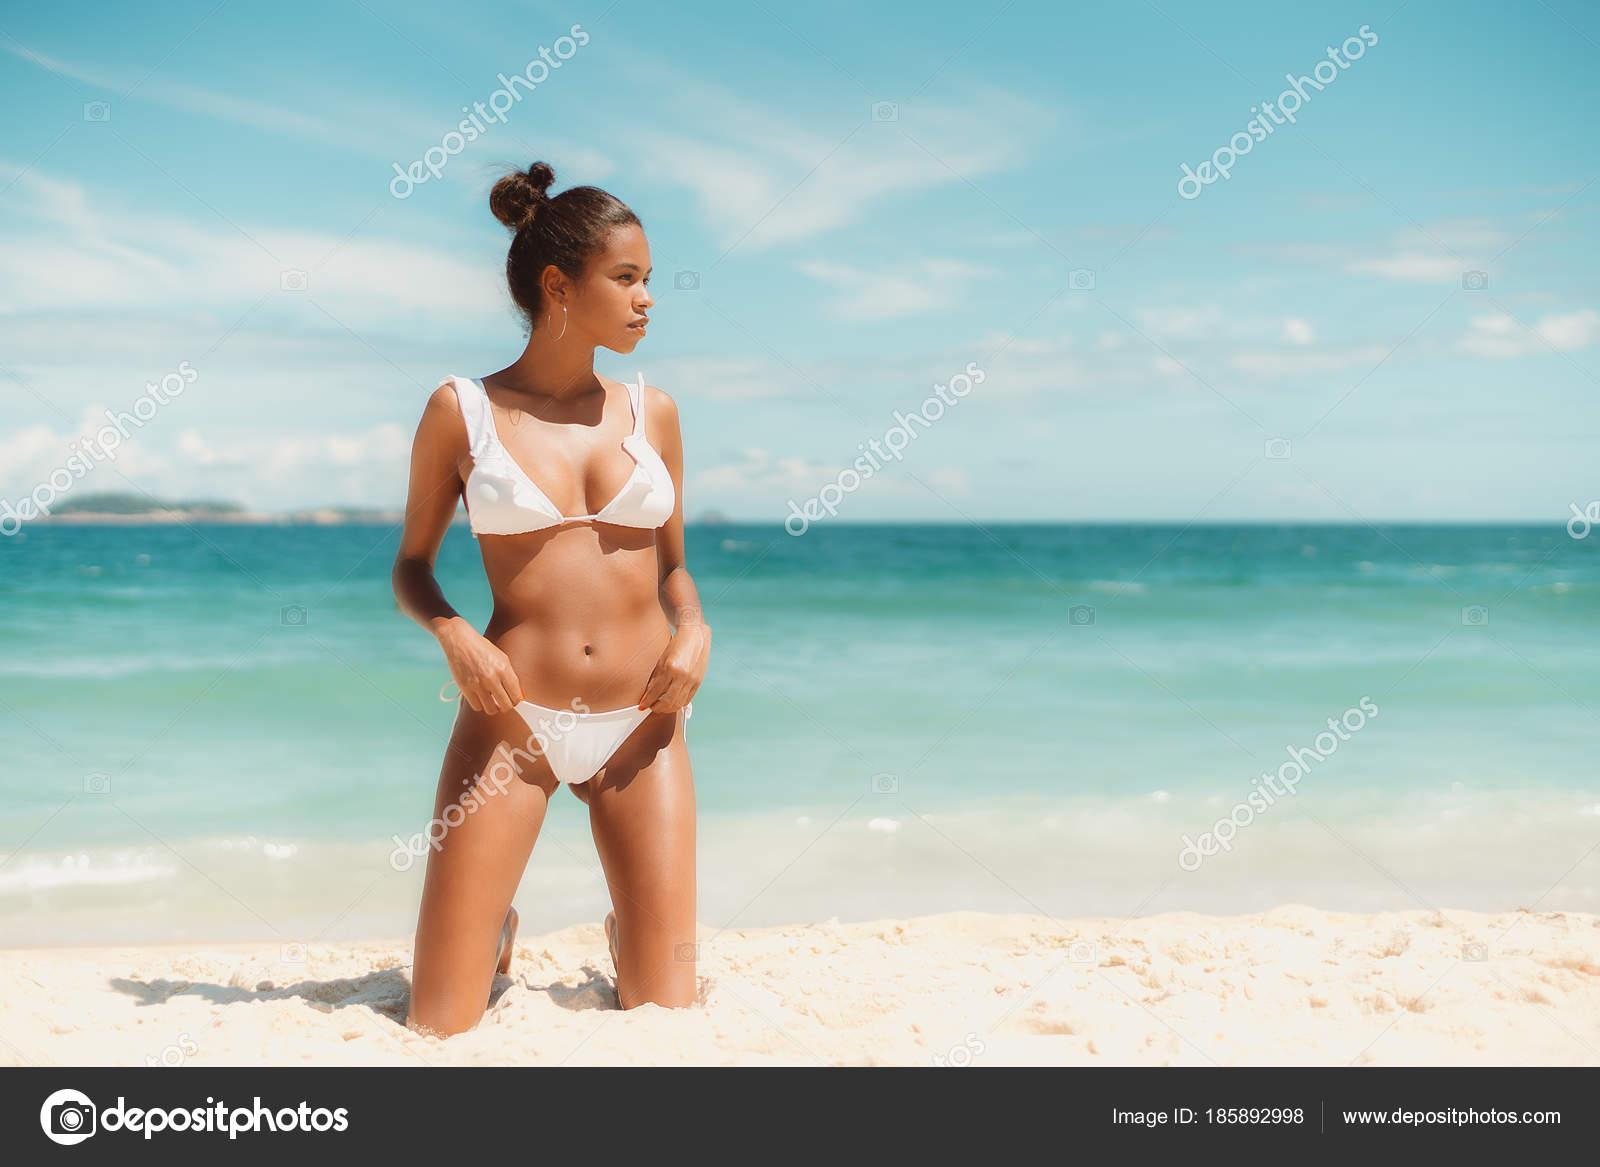 μαύρο κορίτσι φωτογραφίες τεράστιο καβλί gay πρωκτικό σεξ